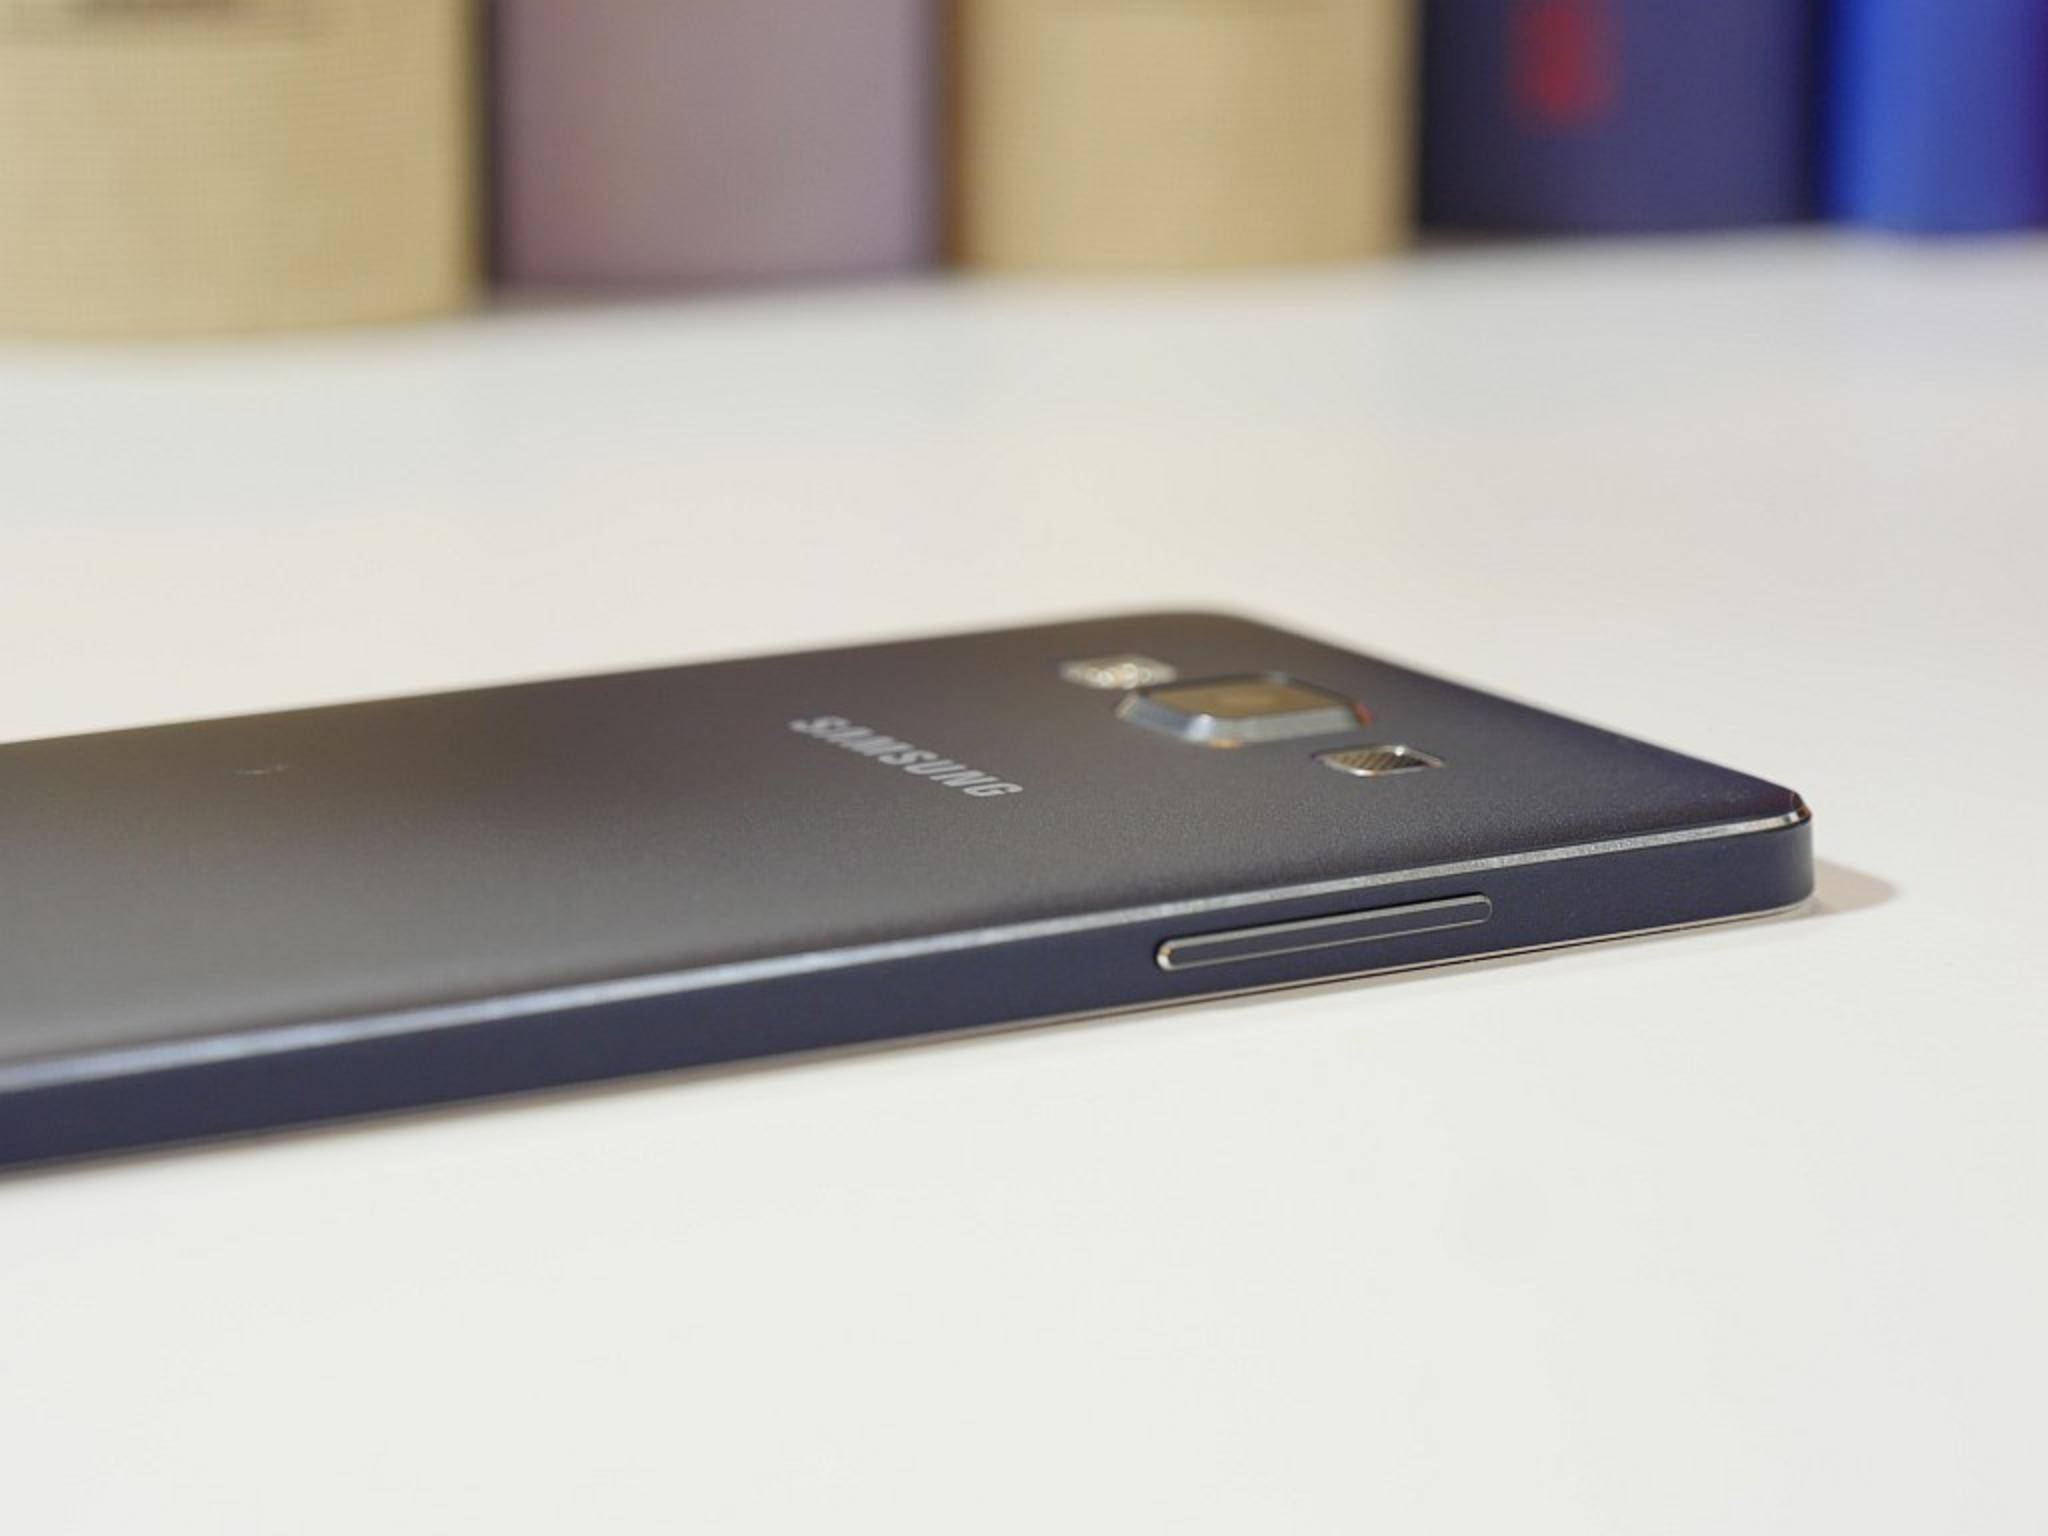 Das Galaxy A8 soll noch dünner als das Galaxy A5 werden.